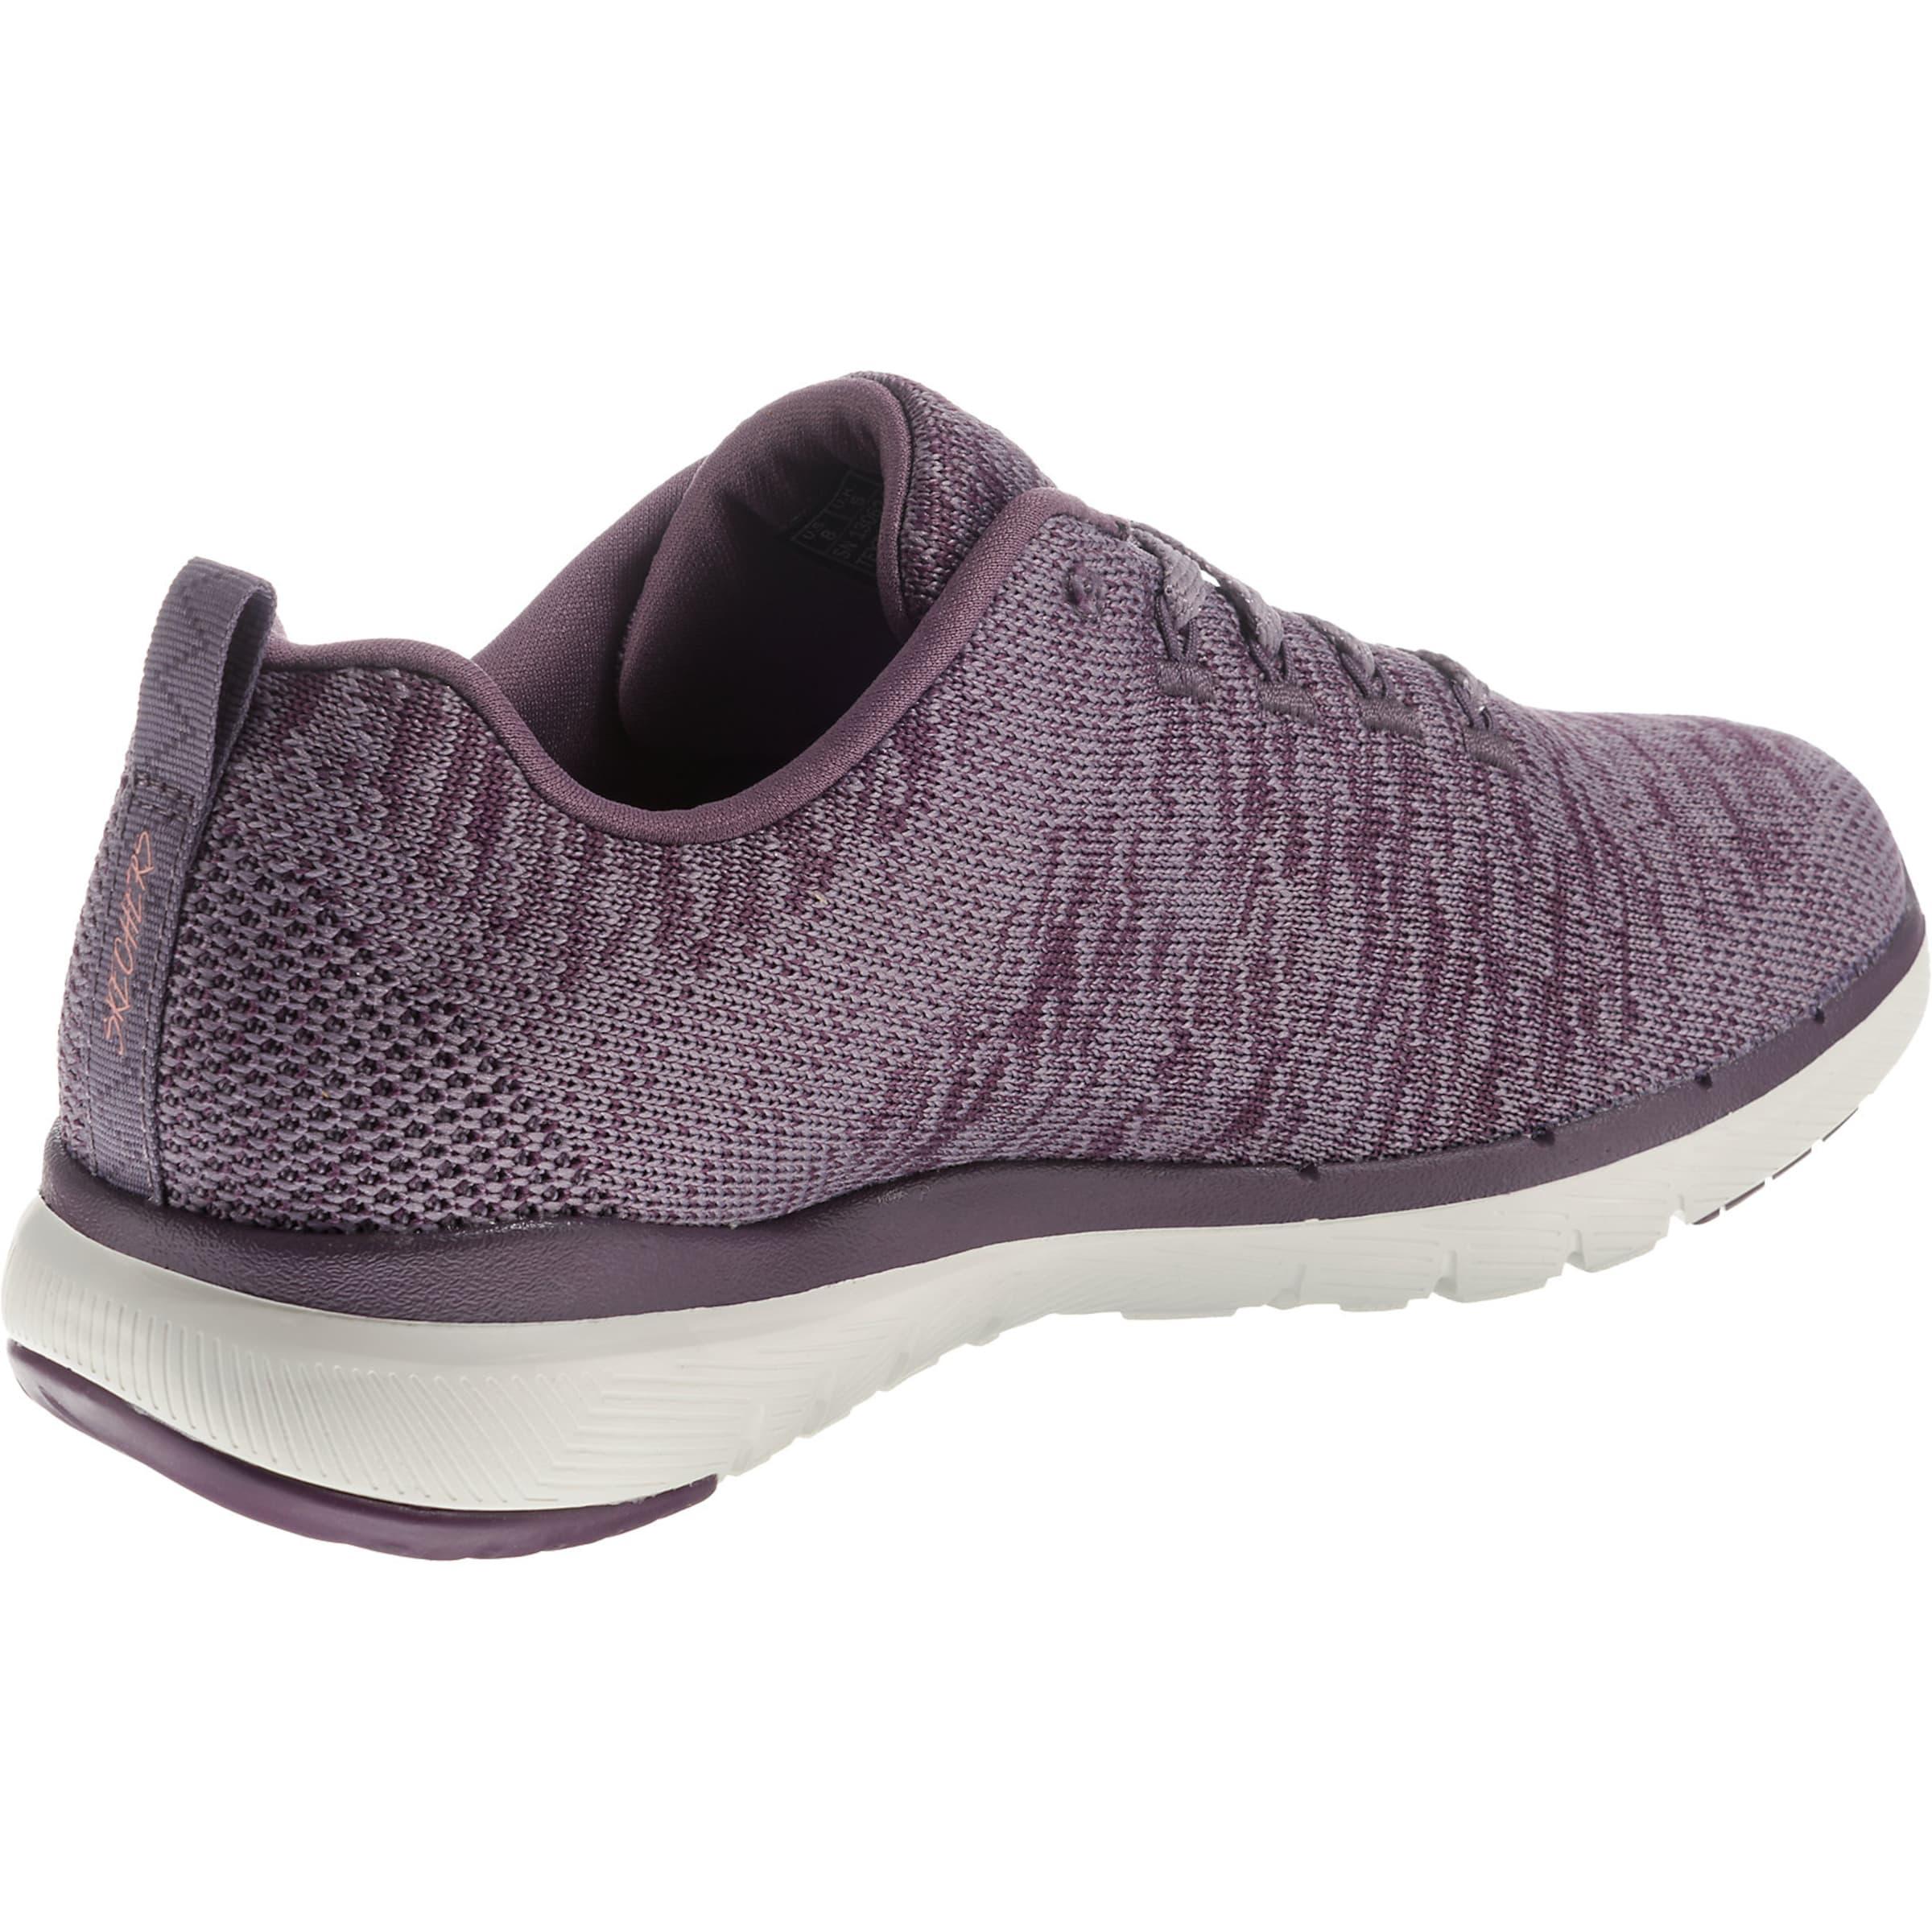 LilaWeiß 'flex 0' In Skechers Sneaker Appeal 3 LGzMVUpqS